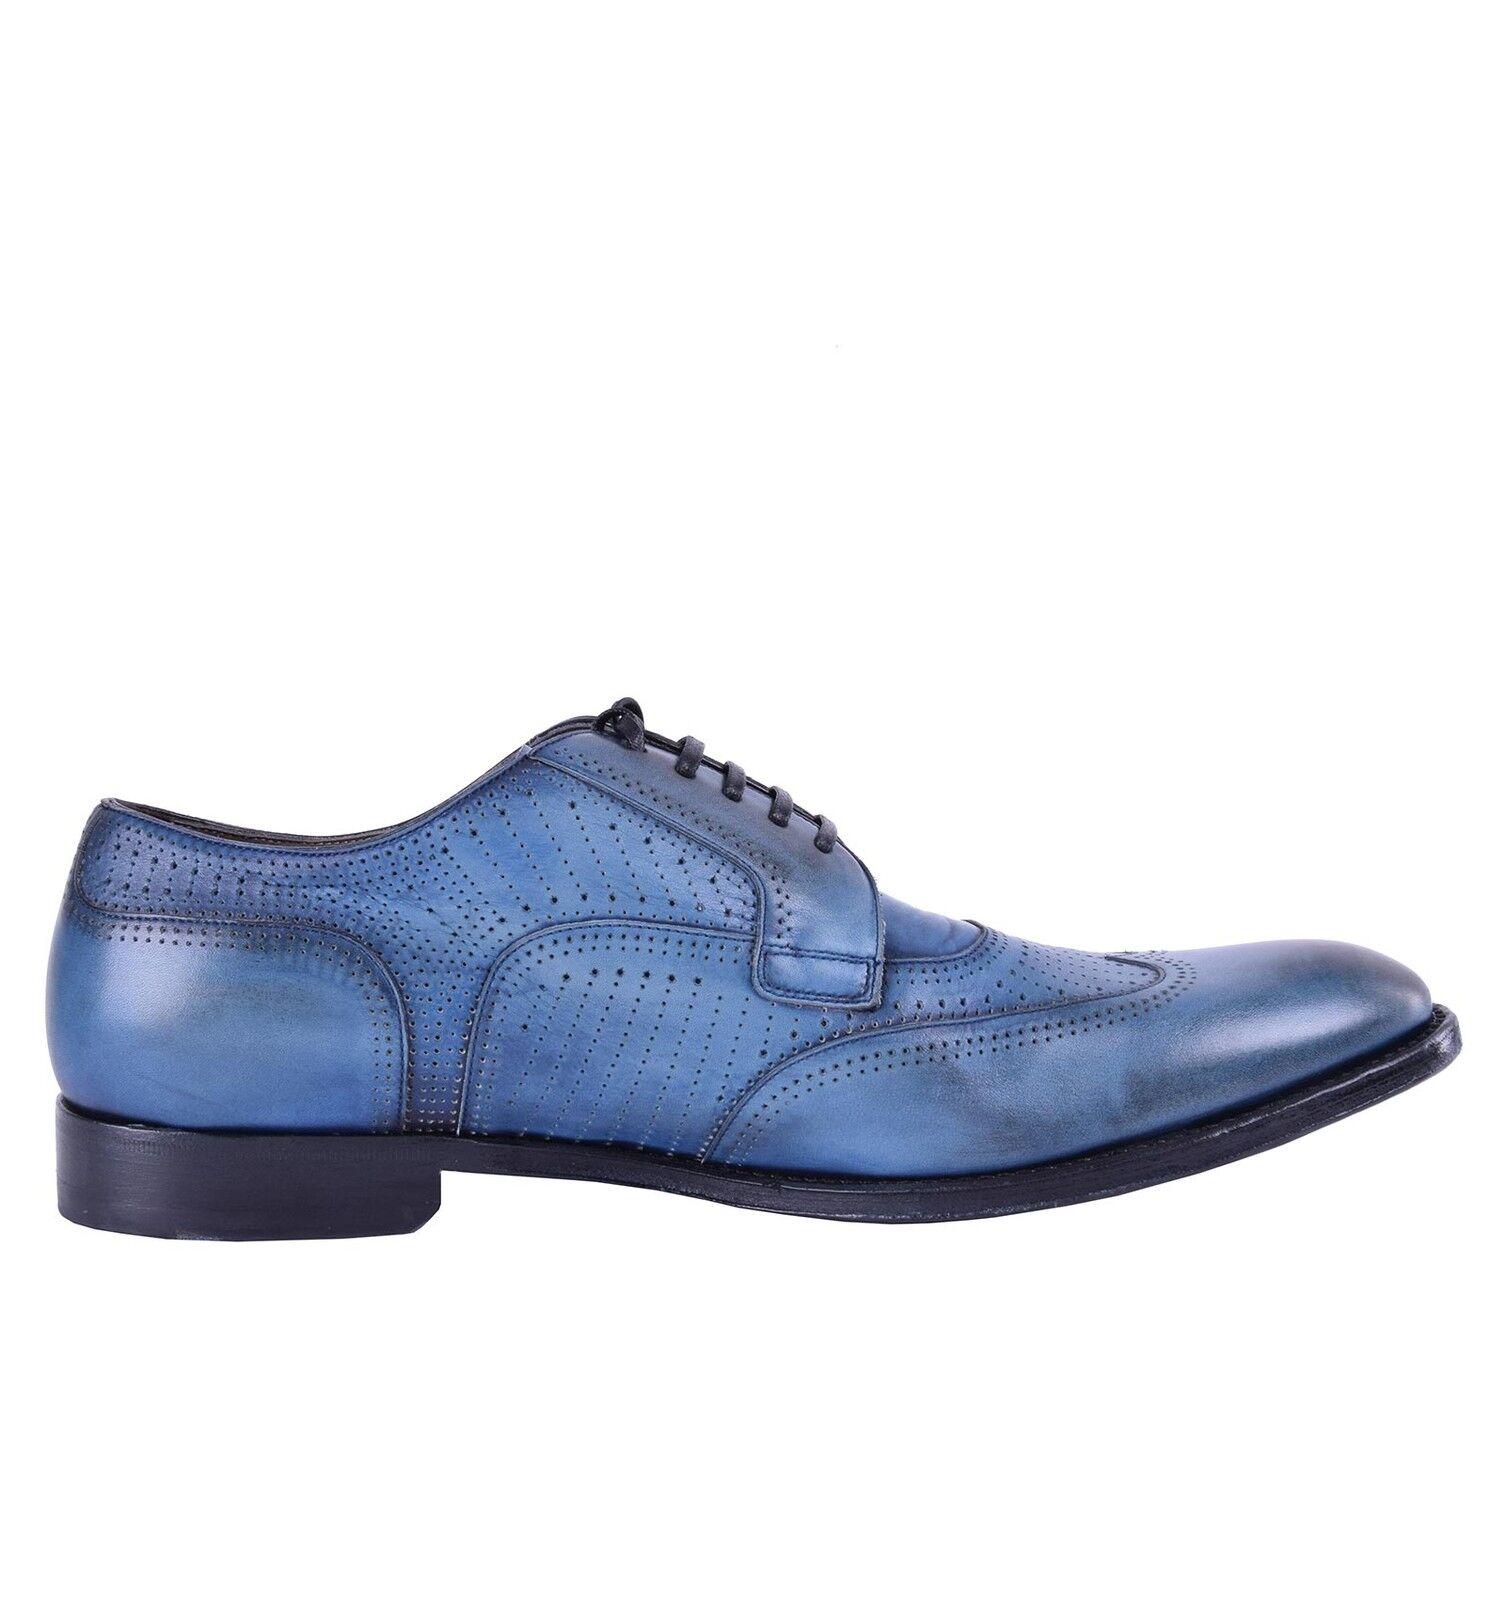 DOLCE & GABBANA Perforierte Schuhes Kalbsleder Derby Schuhe